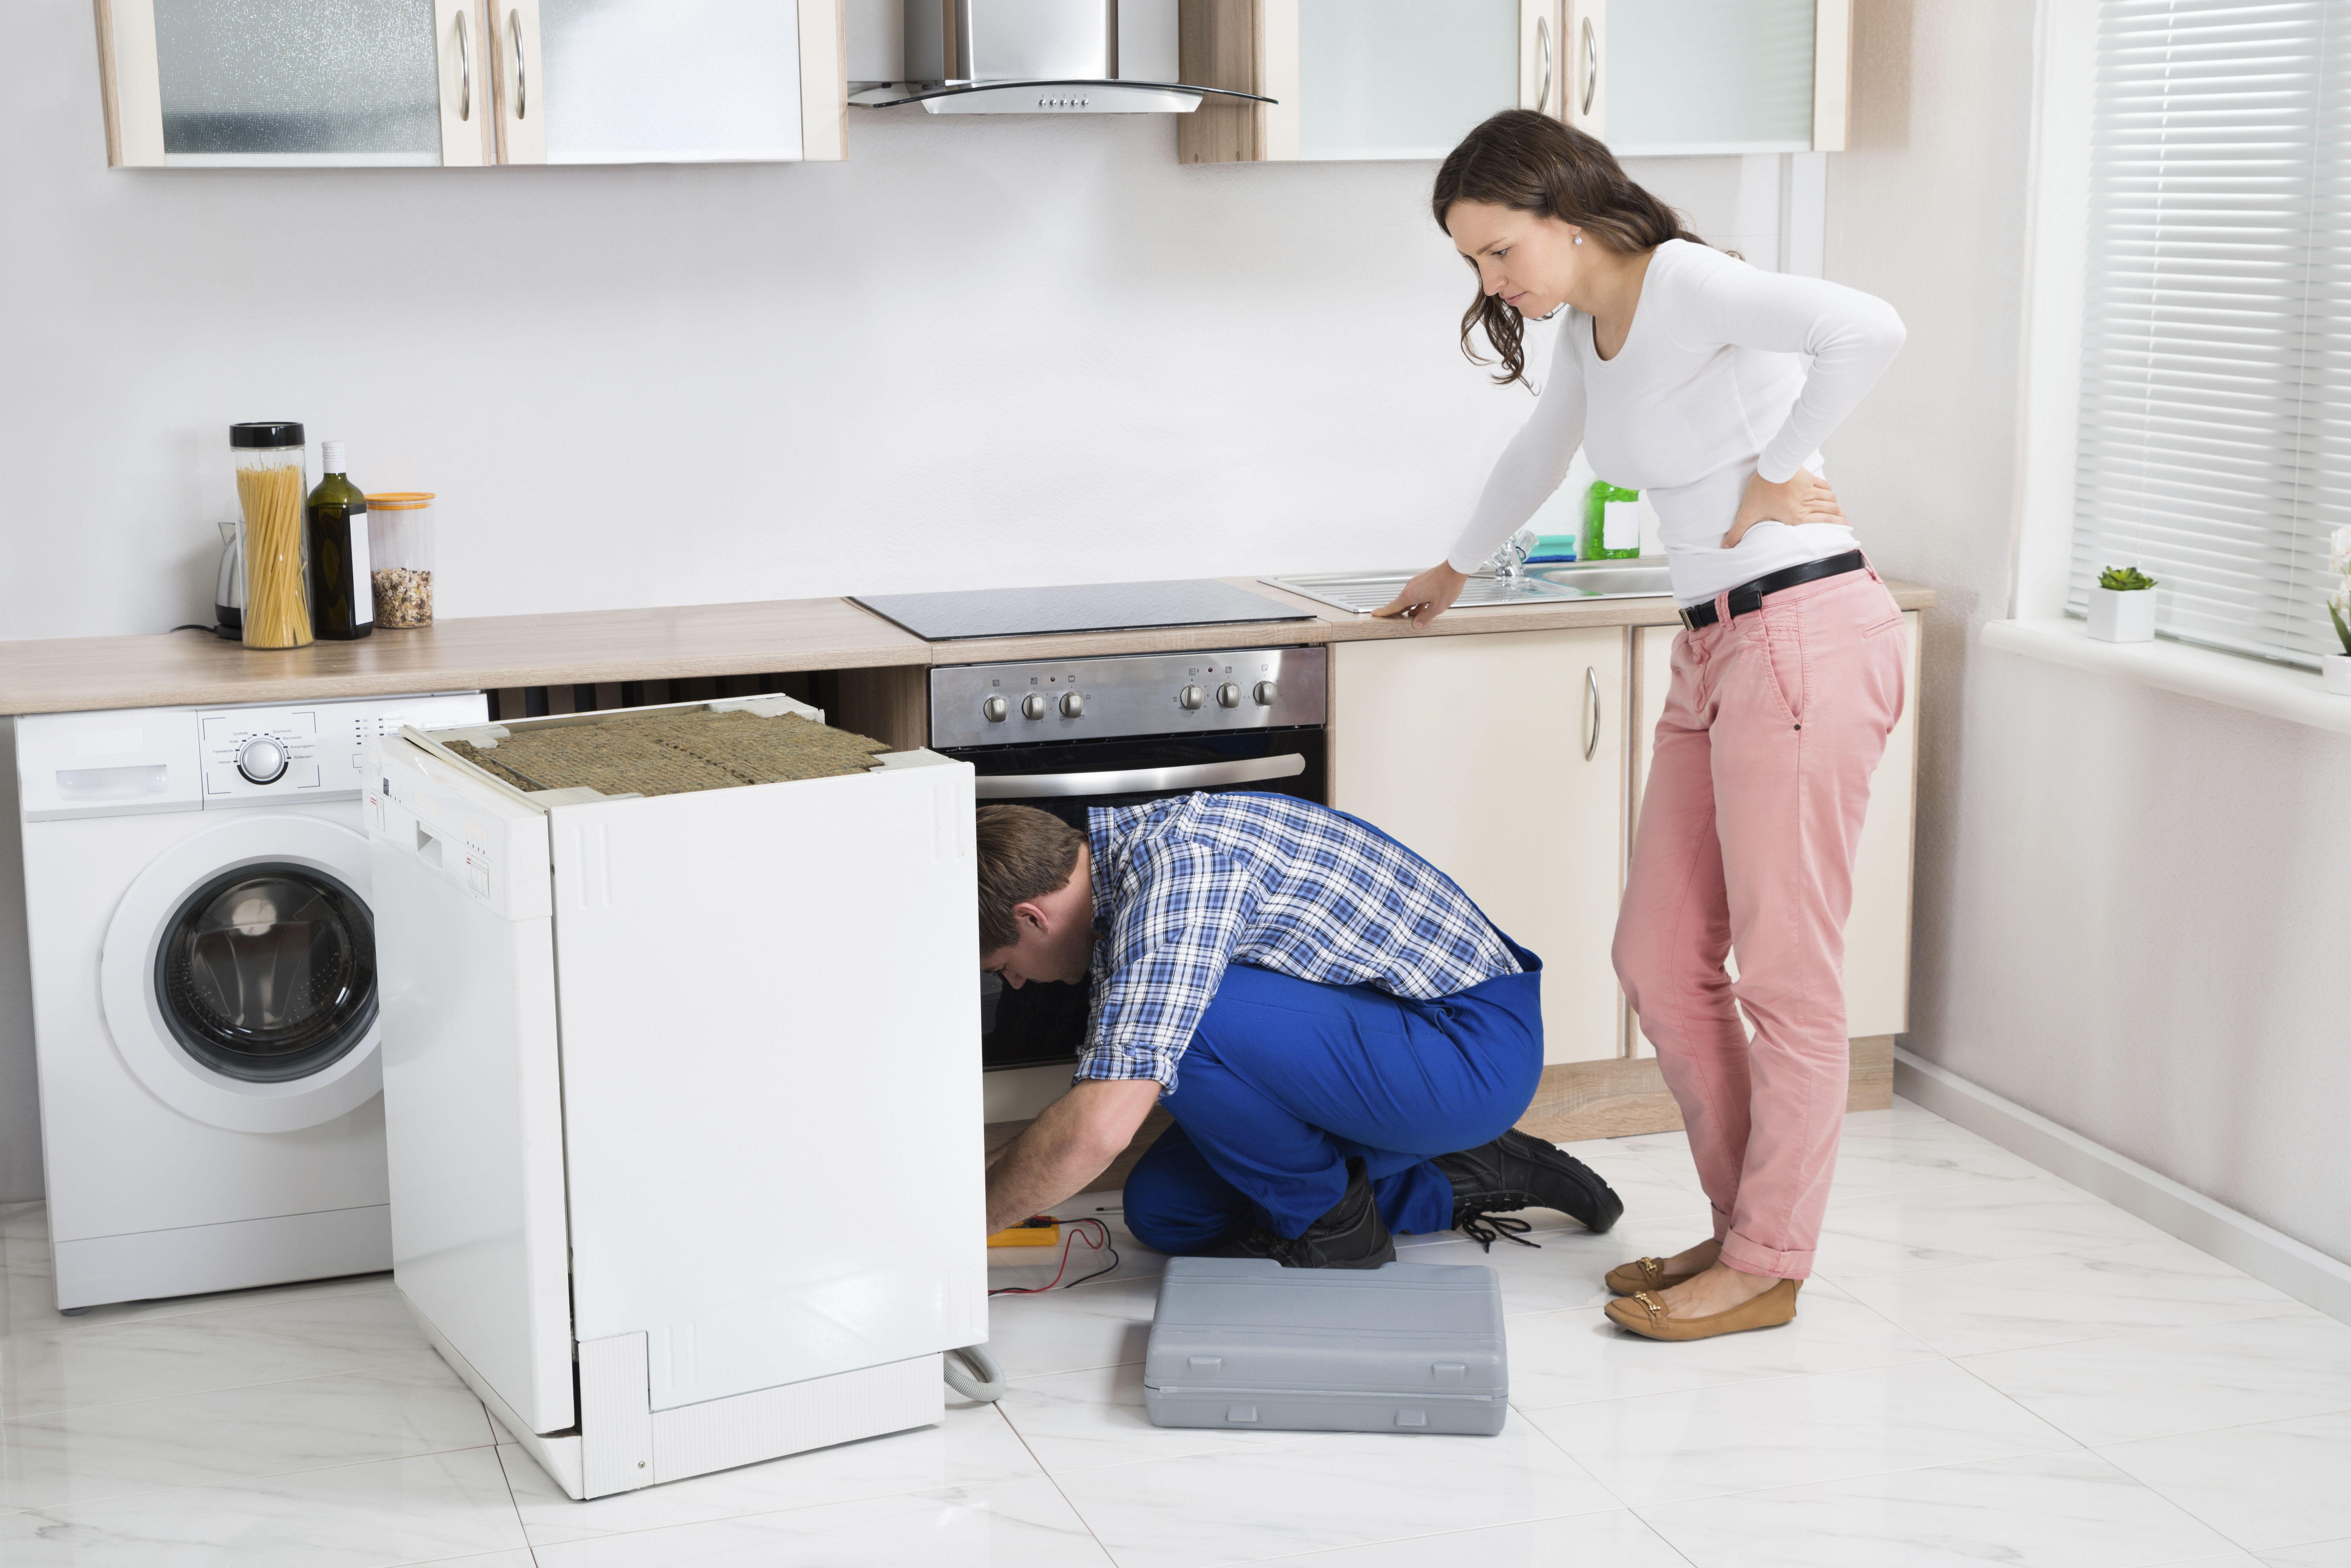 Reparación de electrodomésticos Vilassar de Mar, lavadoras, neveras